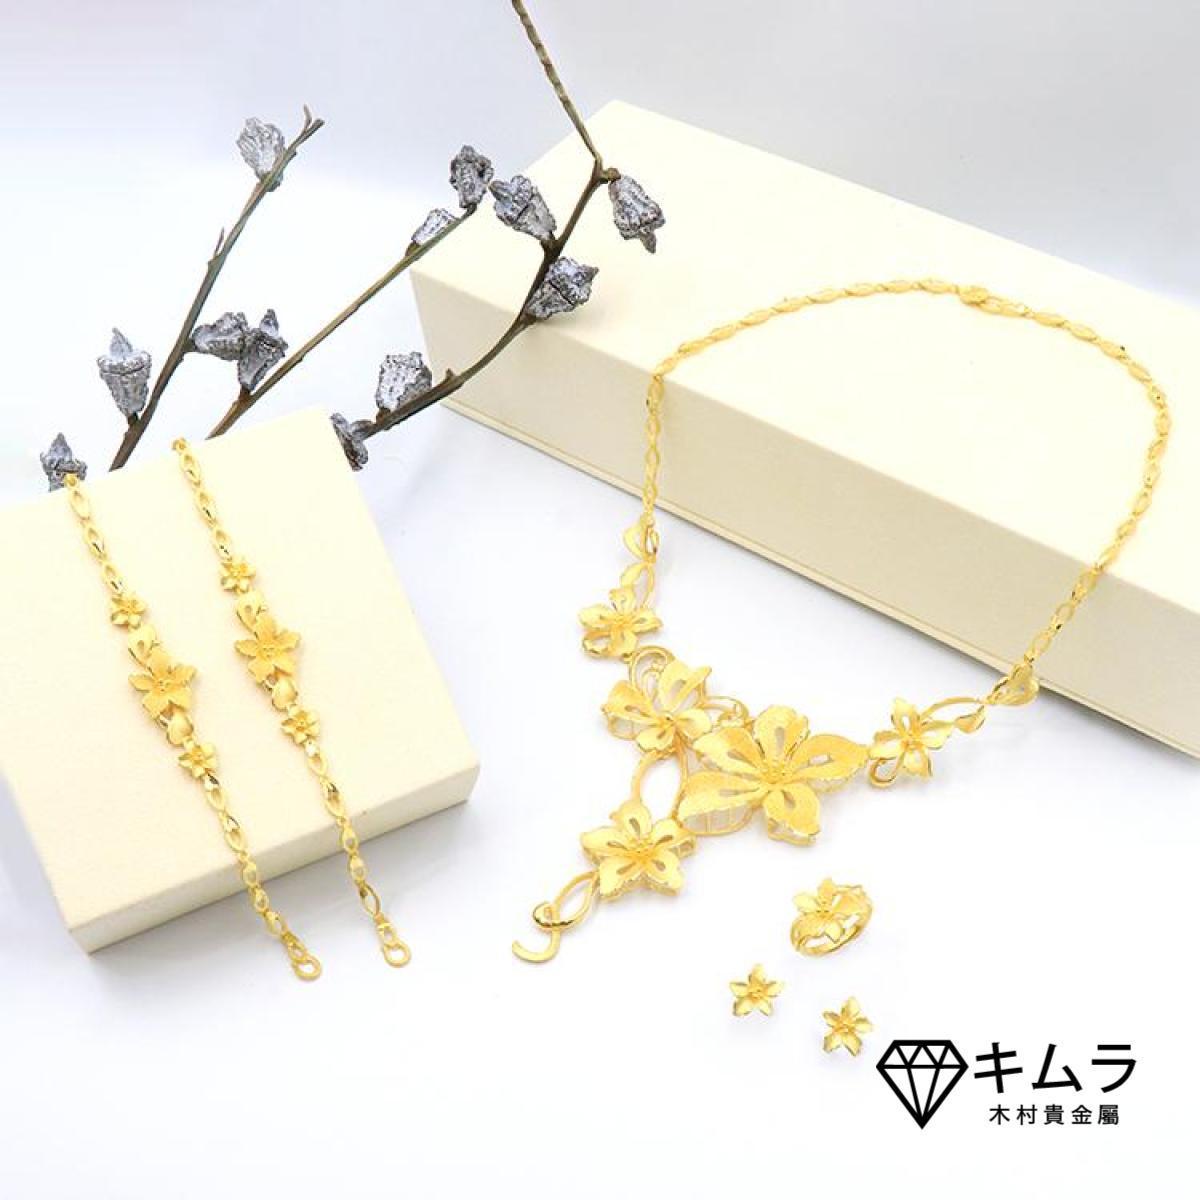 黃金戒指純度高,加工更換款式較容易